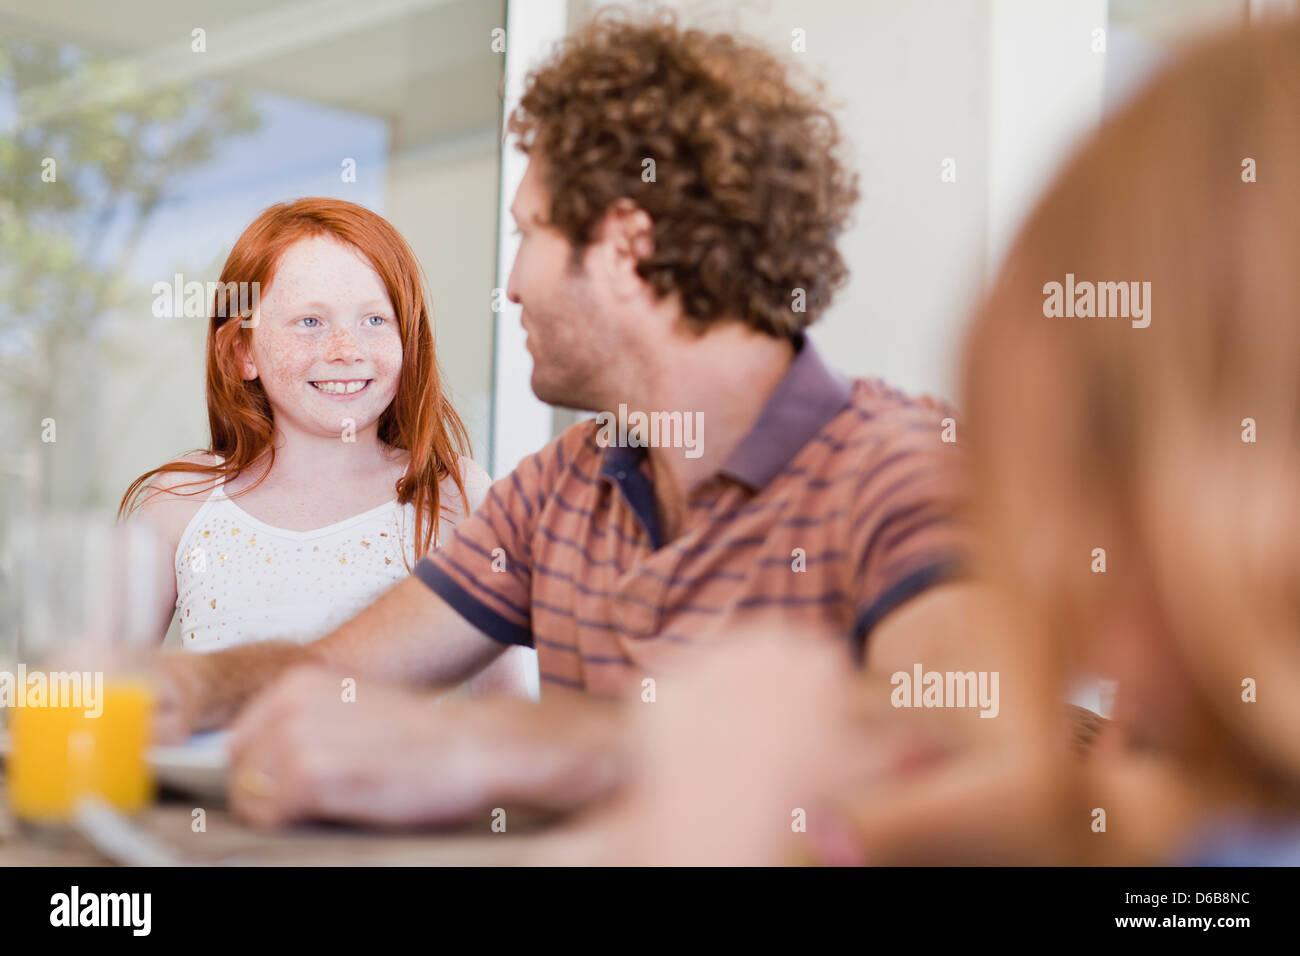 Chica sonriente al padre en el desayuno Imagen De Stock